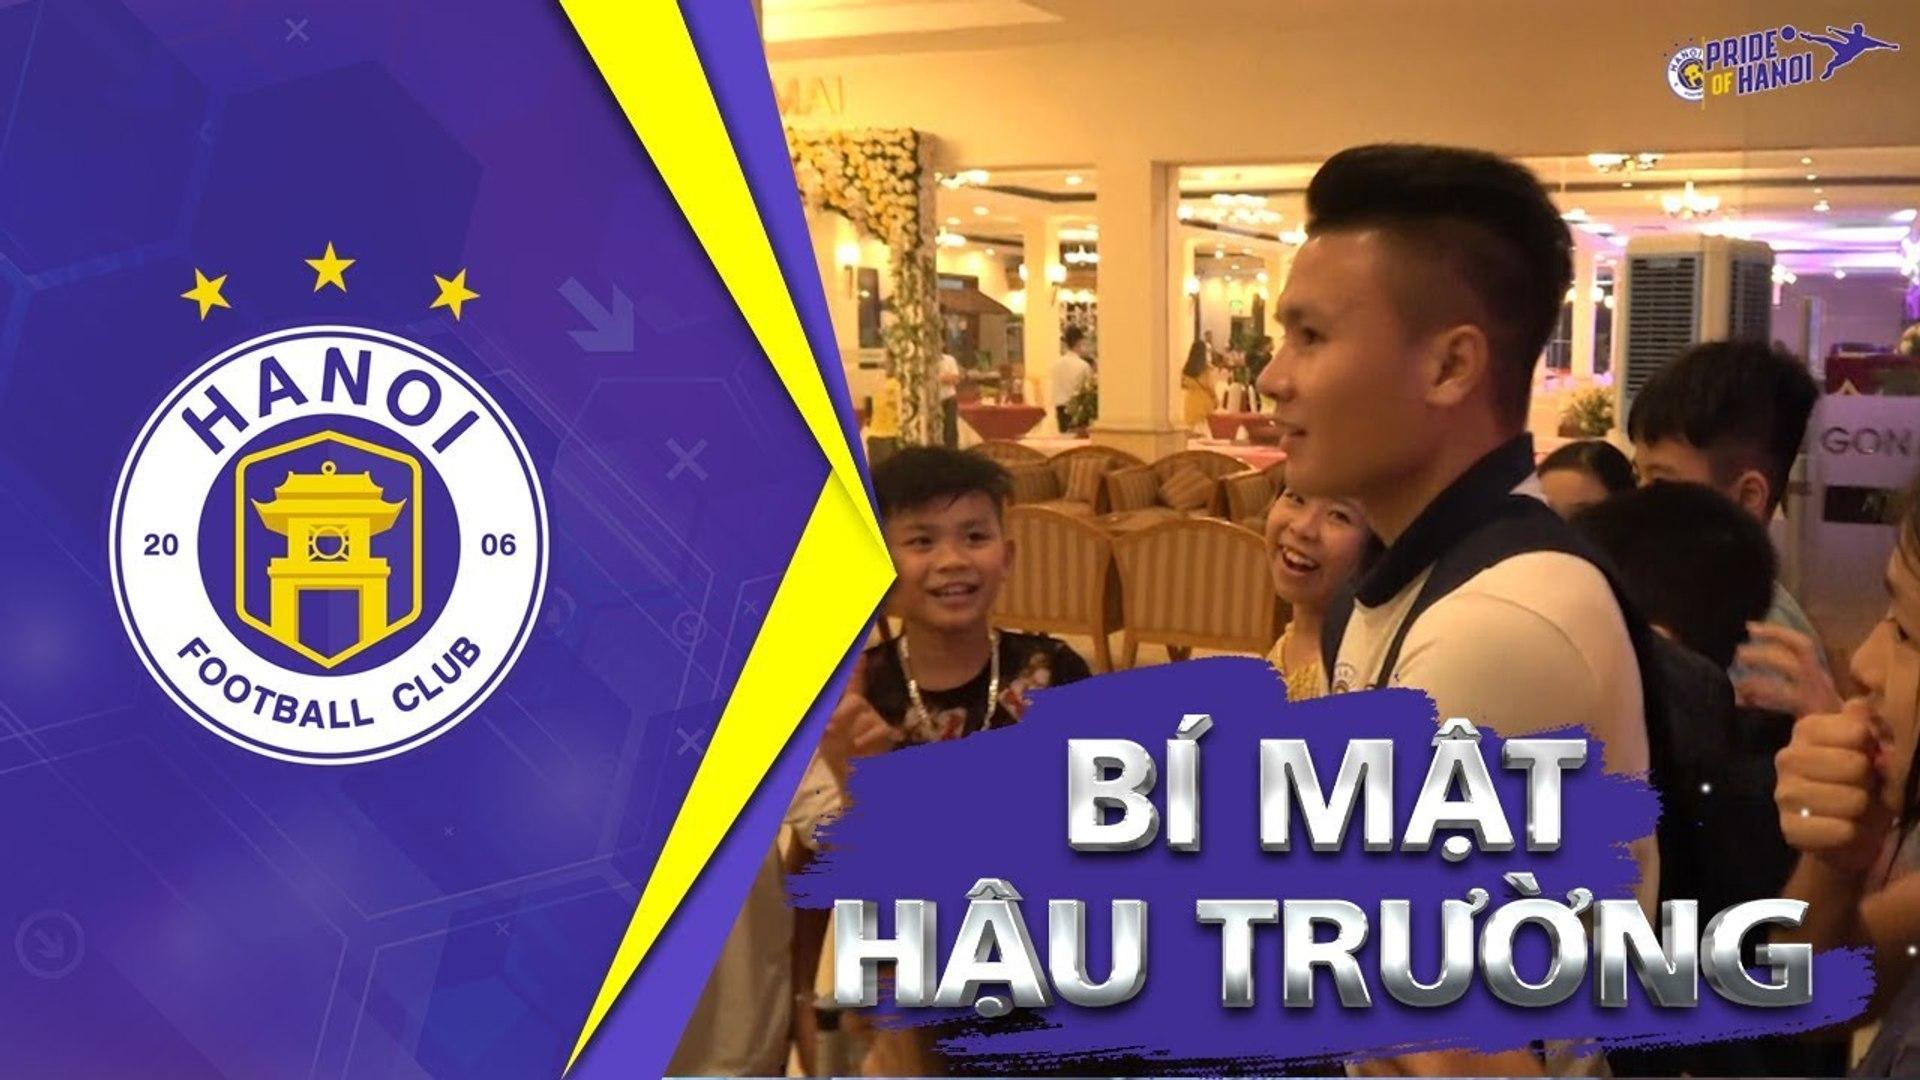 Vlog Series - Tập 12: Sông Lam Nghệ An - Hà Nội: Tình cảm nhiệt thành nơi xứ Nghệ | HANOI FC